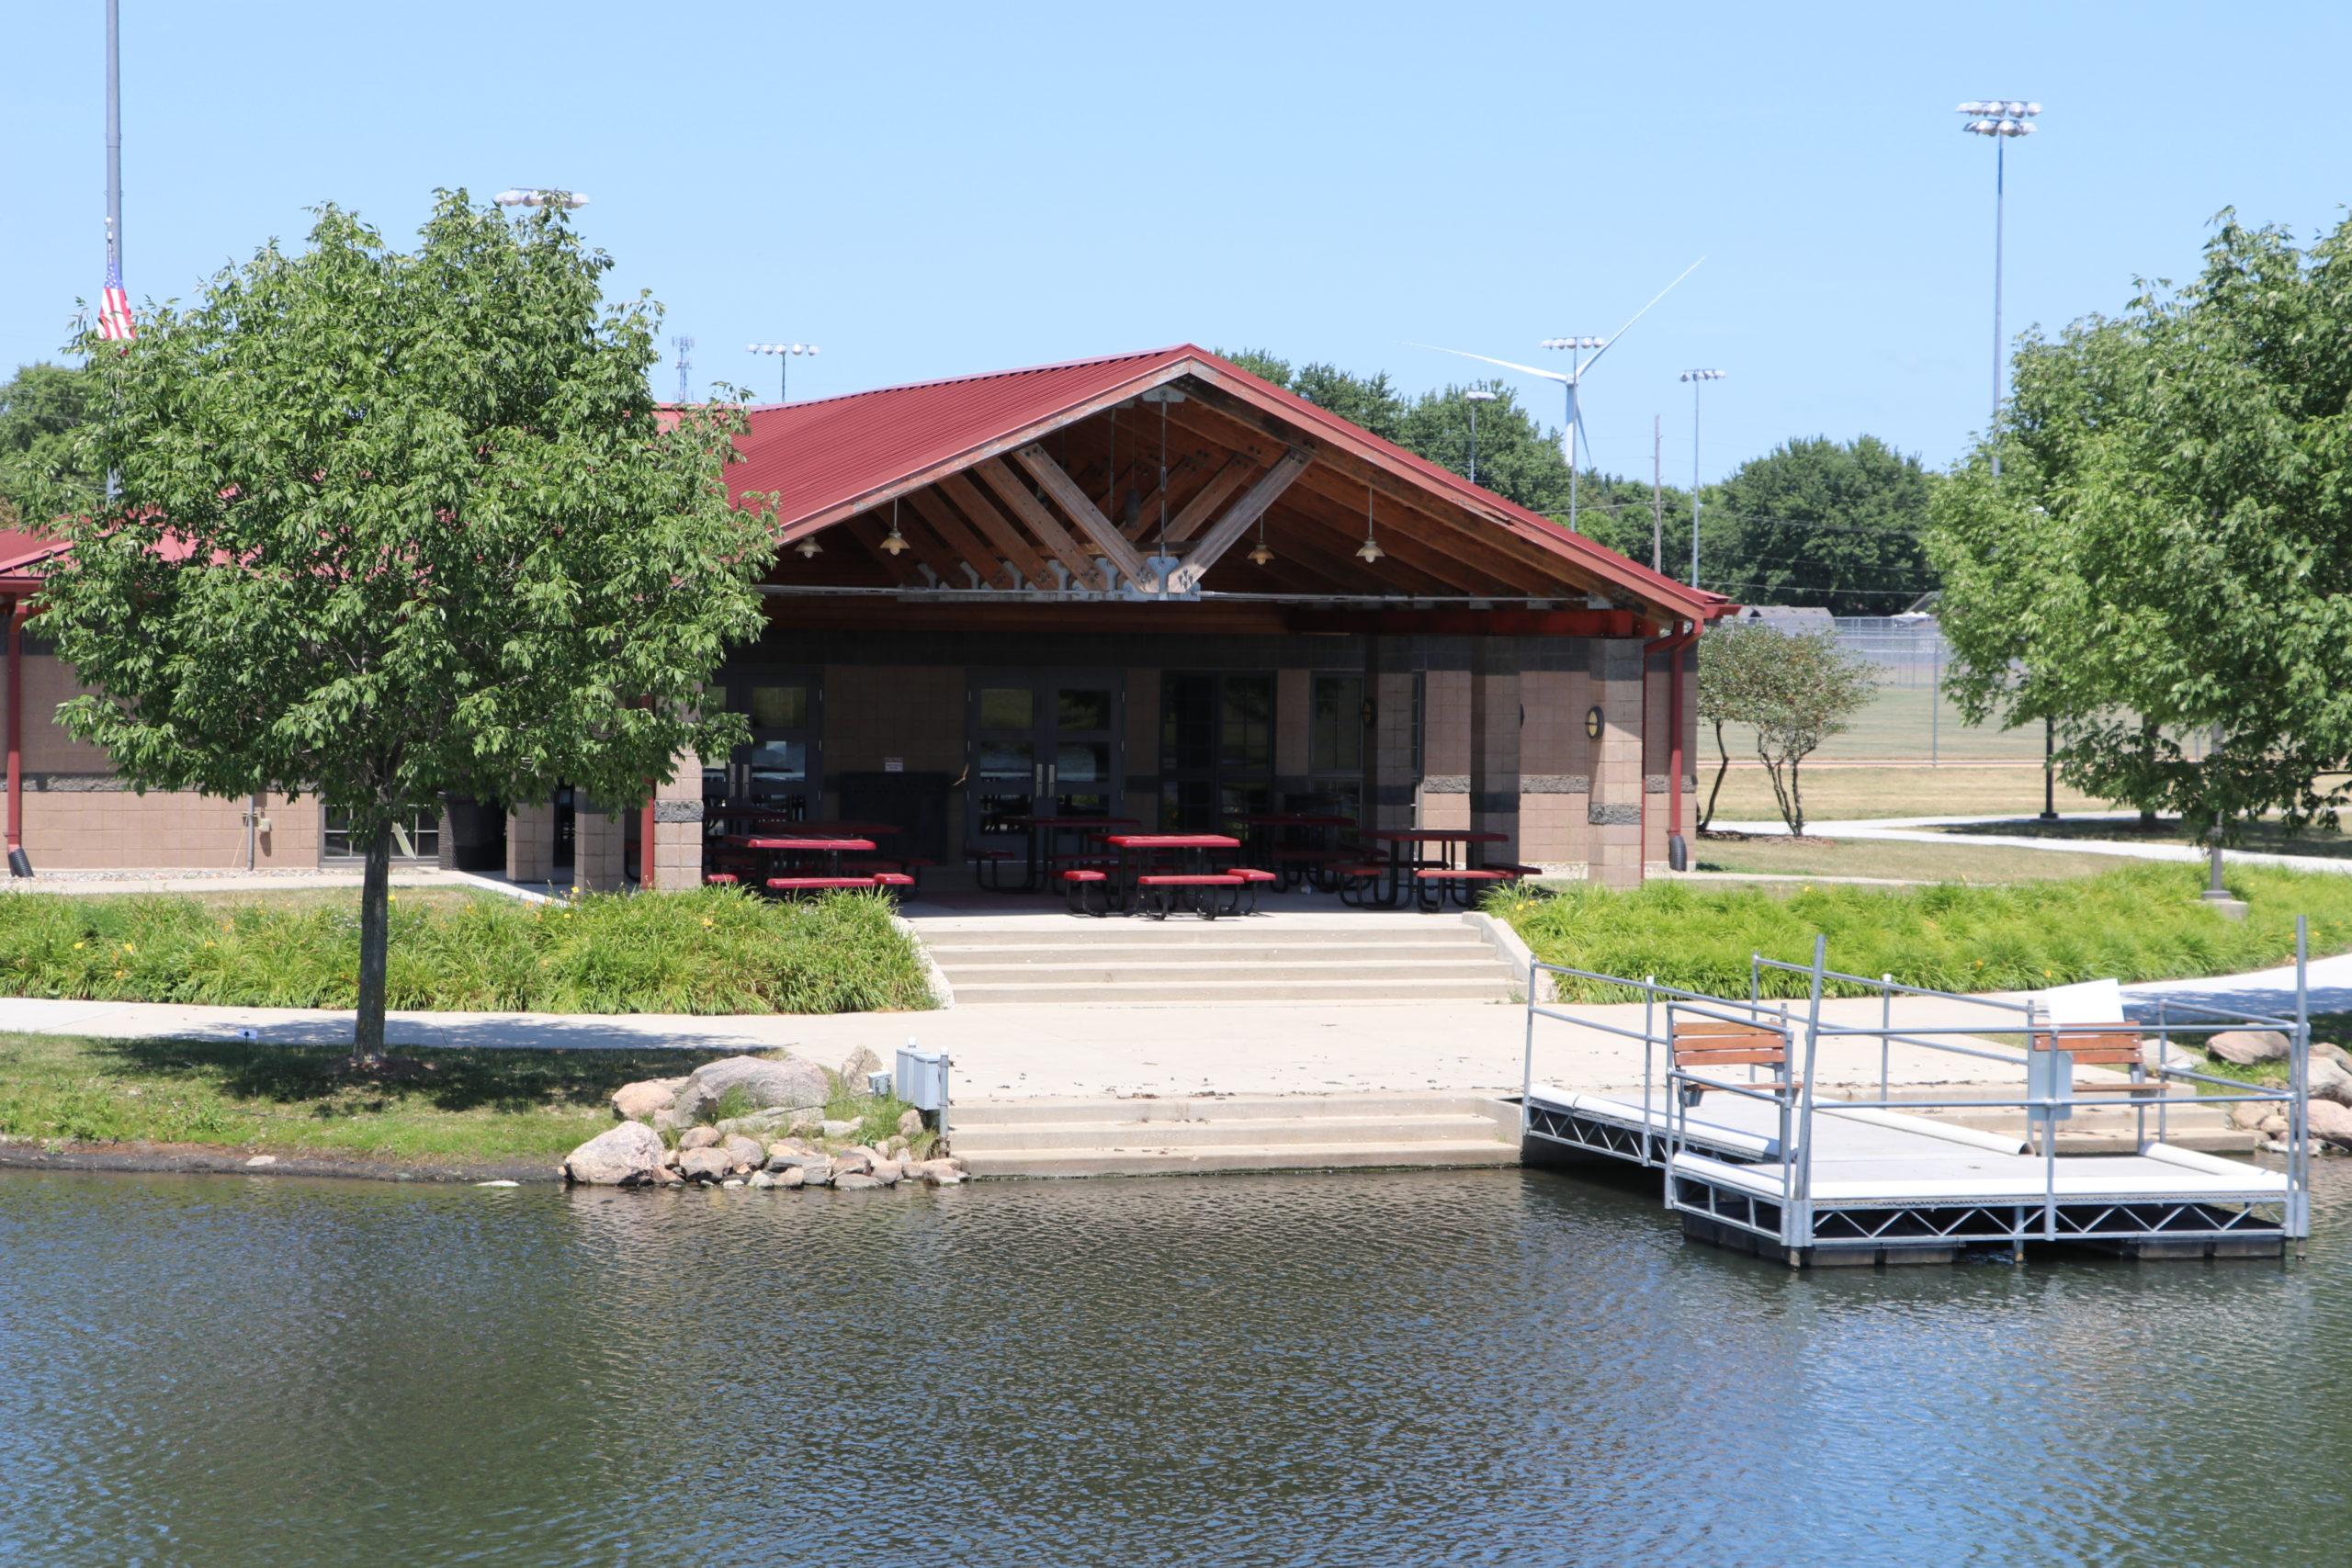 SCORE Pavilion